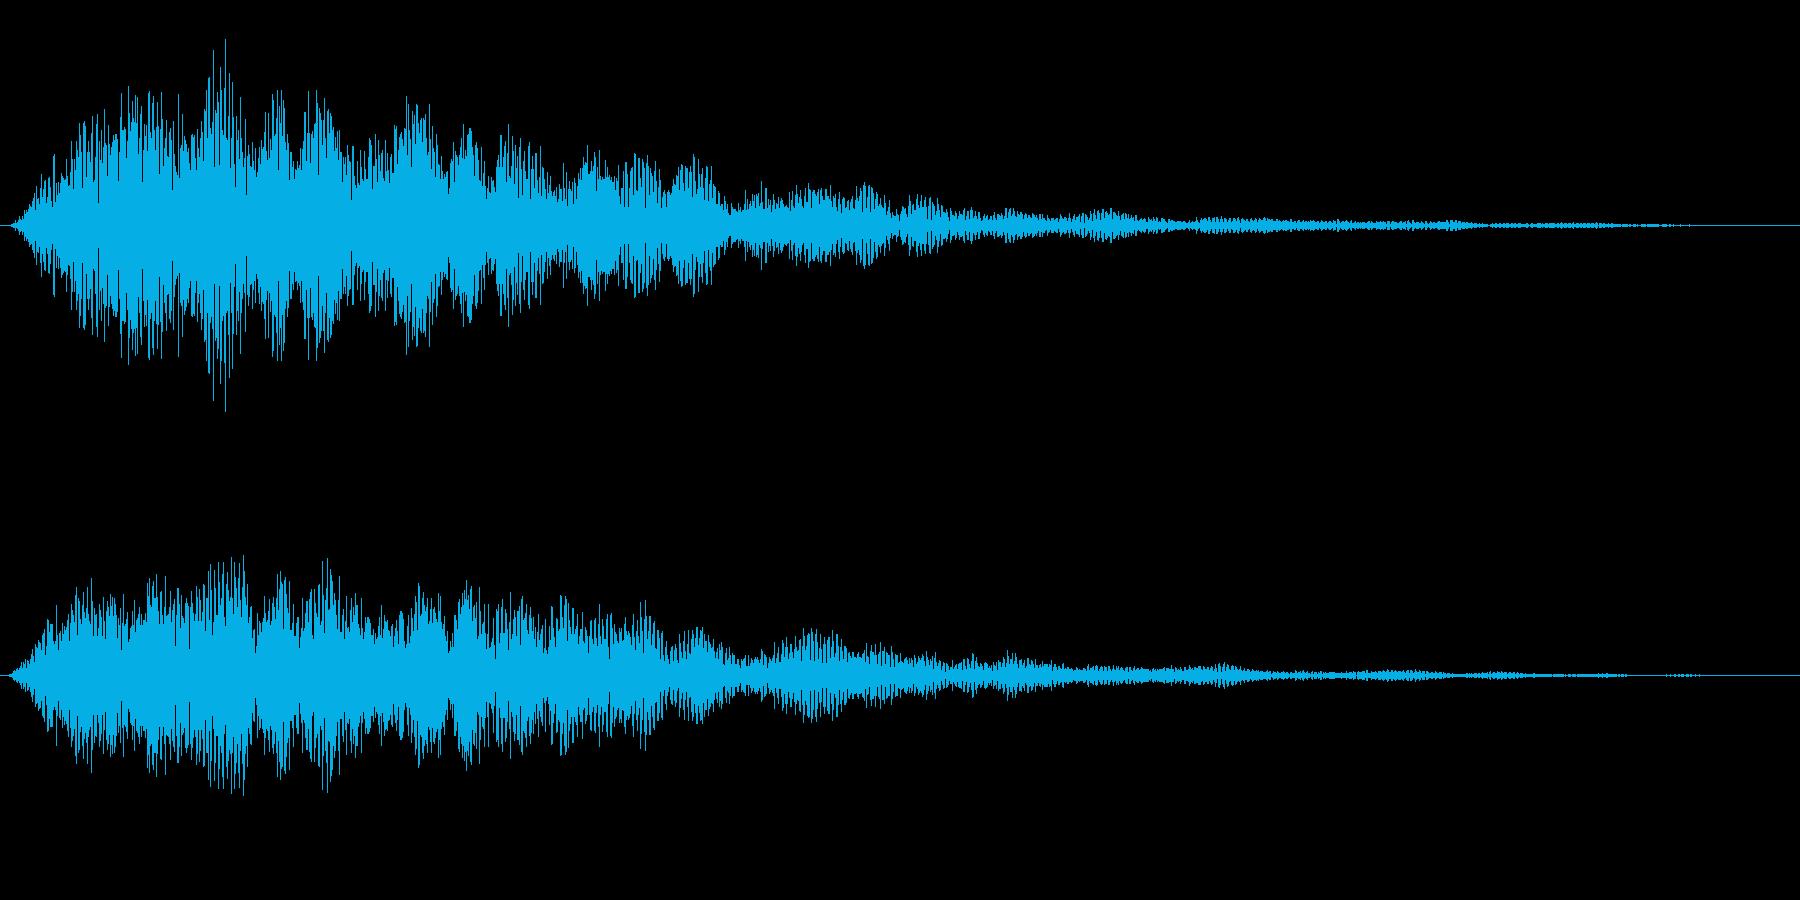 Anime 魔界的でダークな召喚SE 1の再生済みの波形